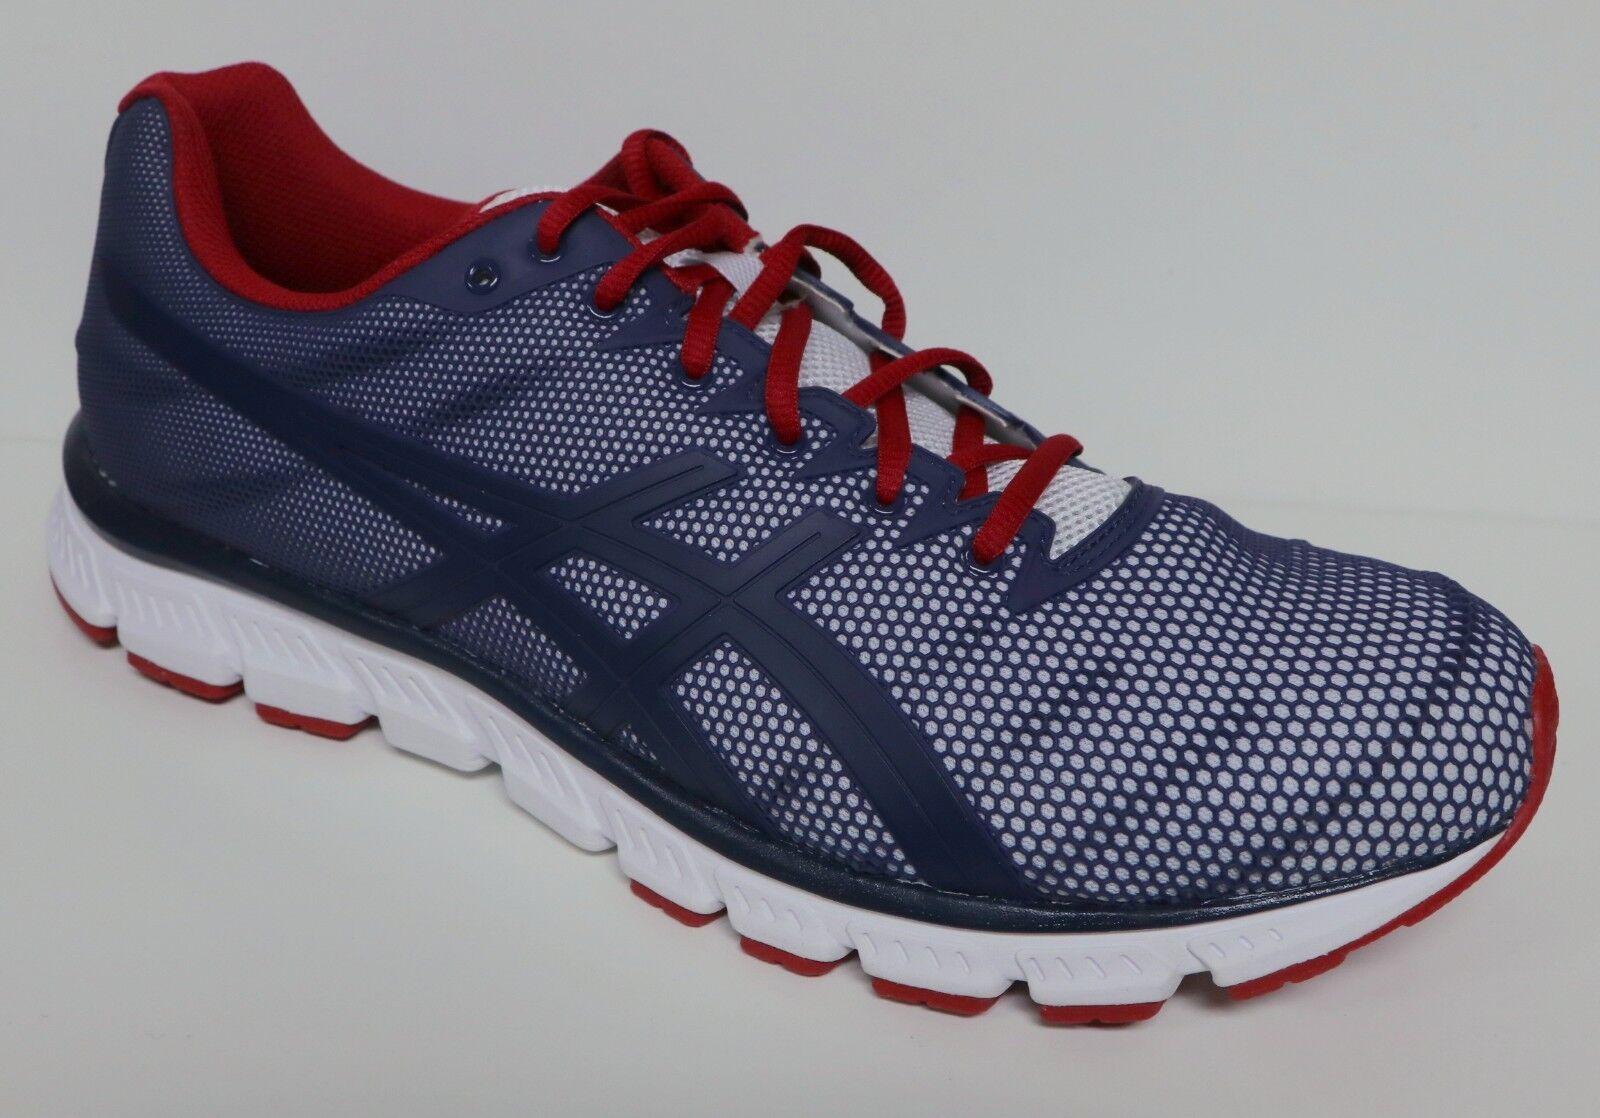 Hombres talla Asics JB Elite TR talla Hombres 14 Dark navy azul blanco rojo zapatos zapatillas abab9c